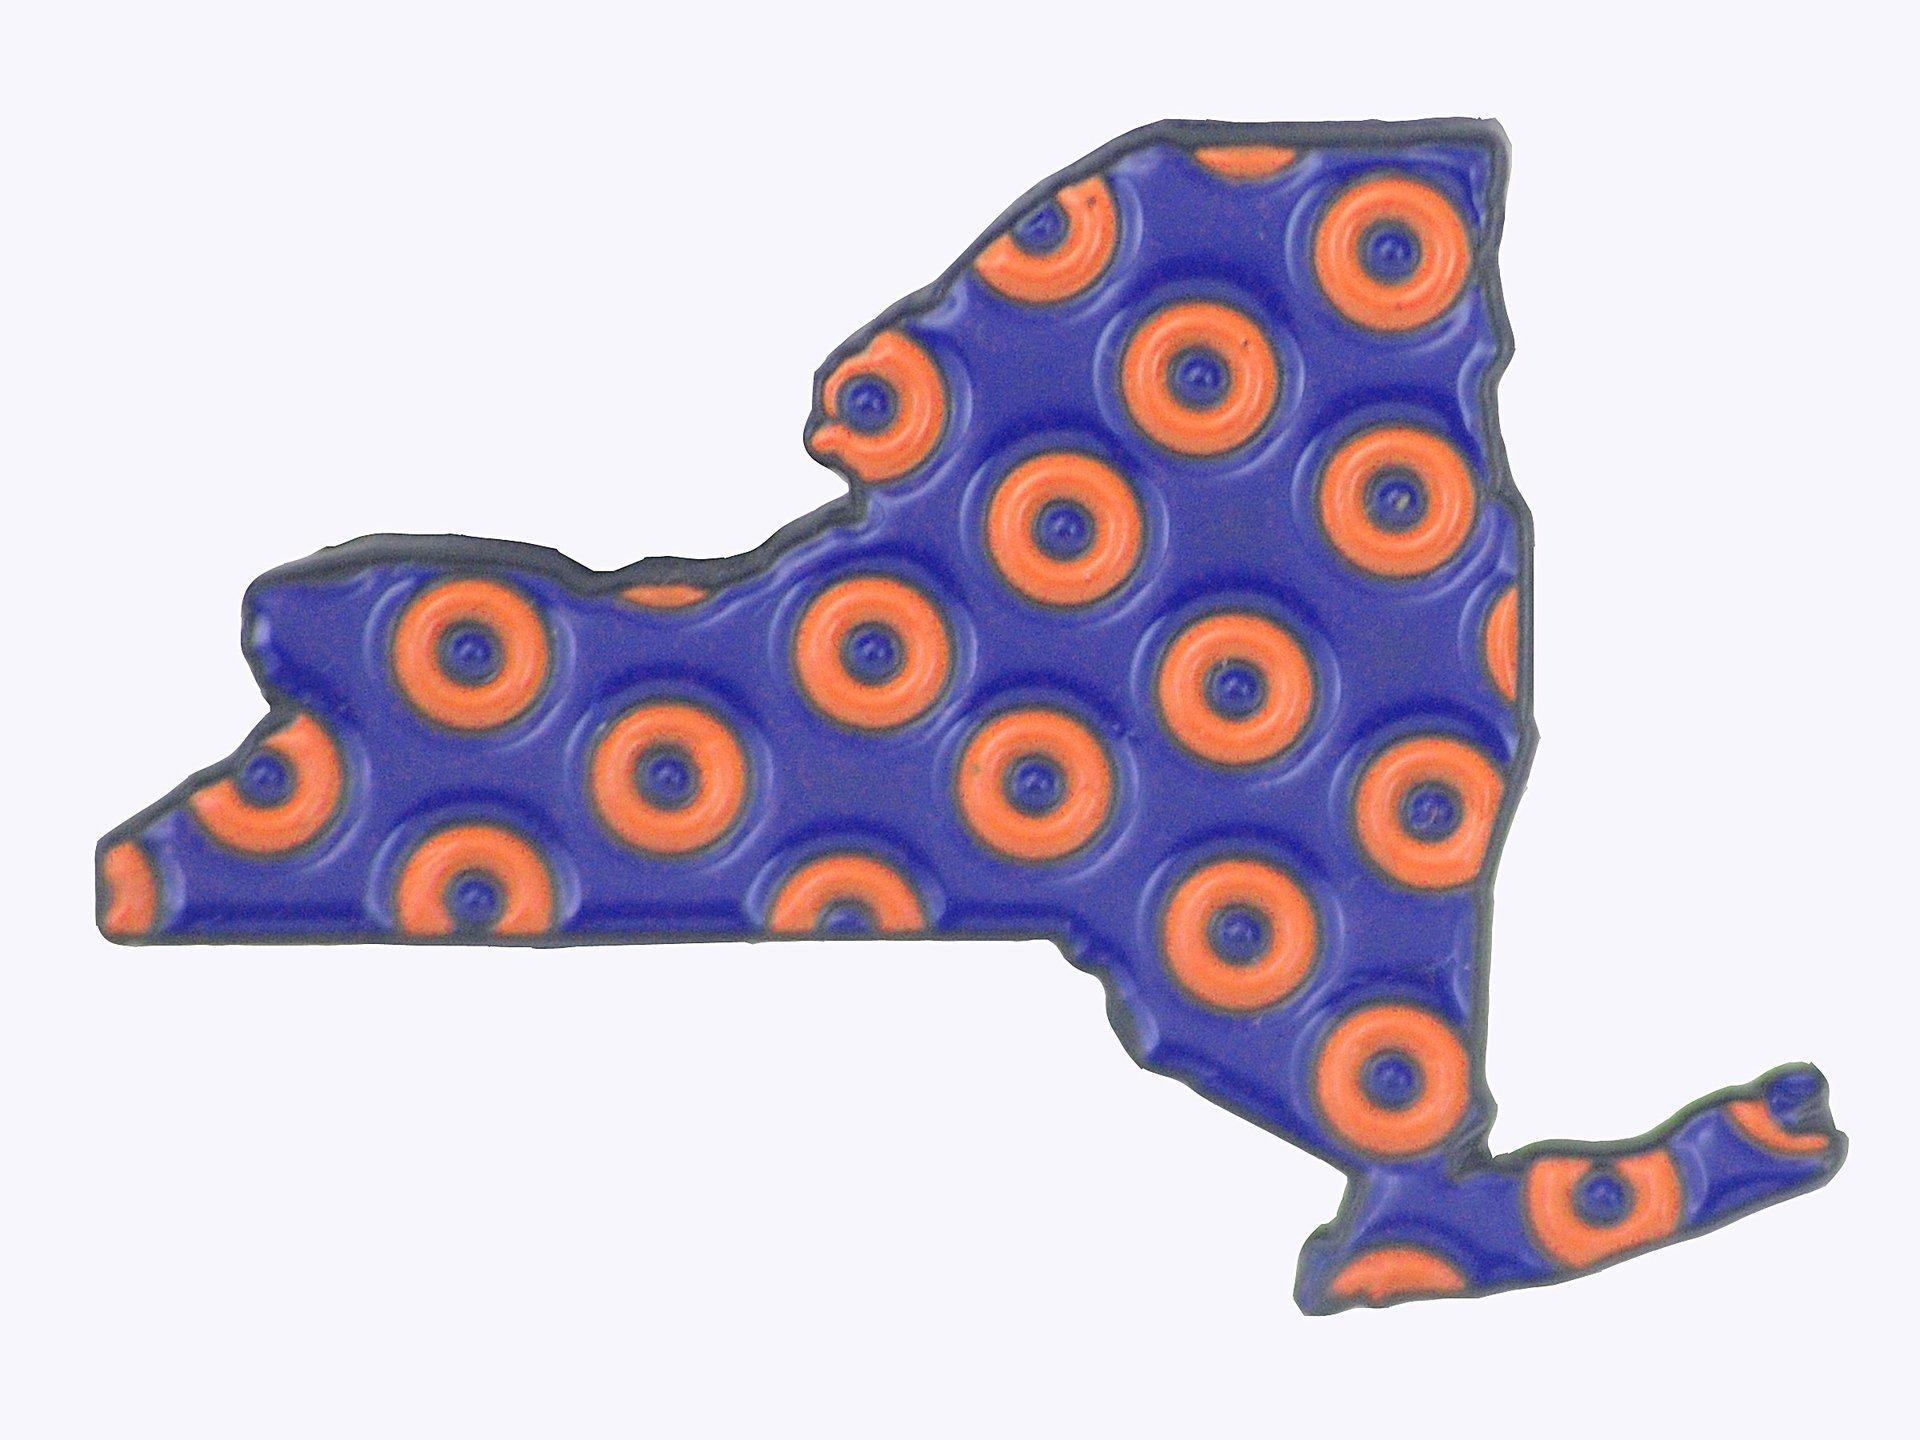 New York - Phish - Fishman Donut Pin